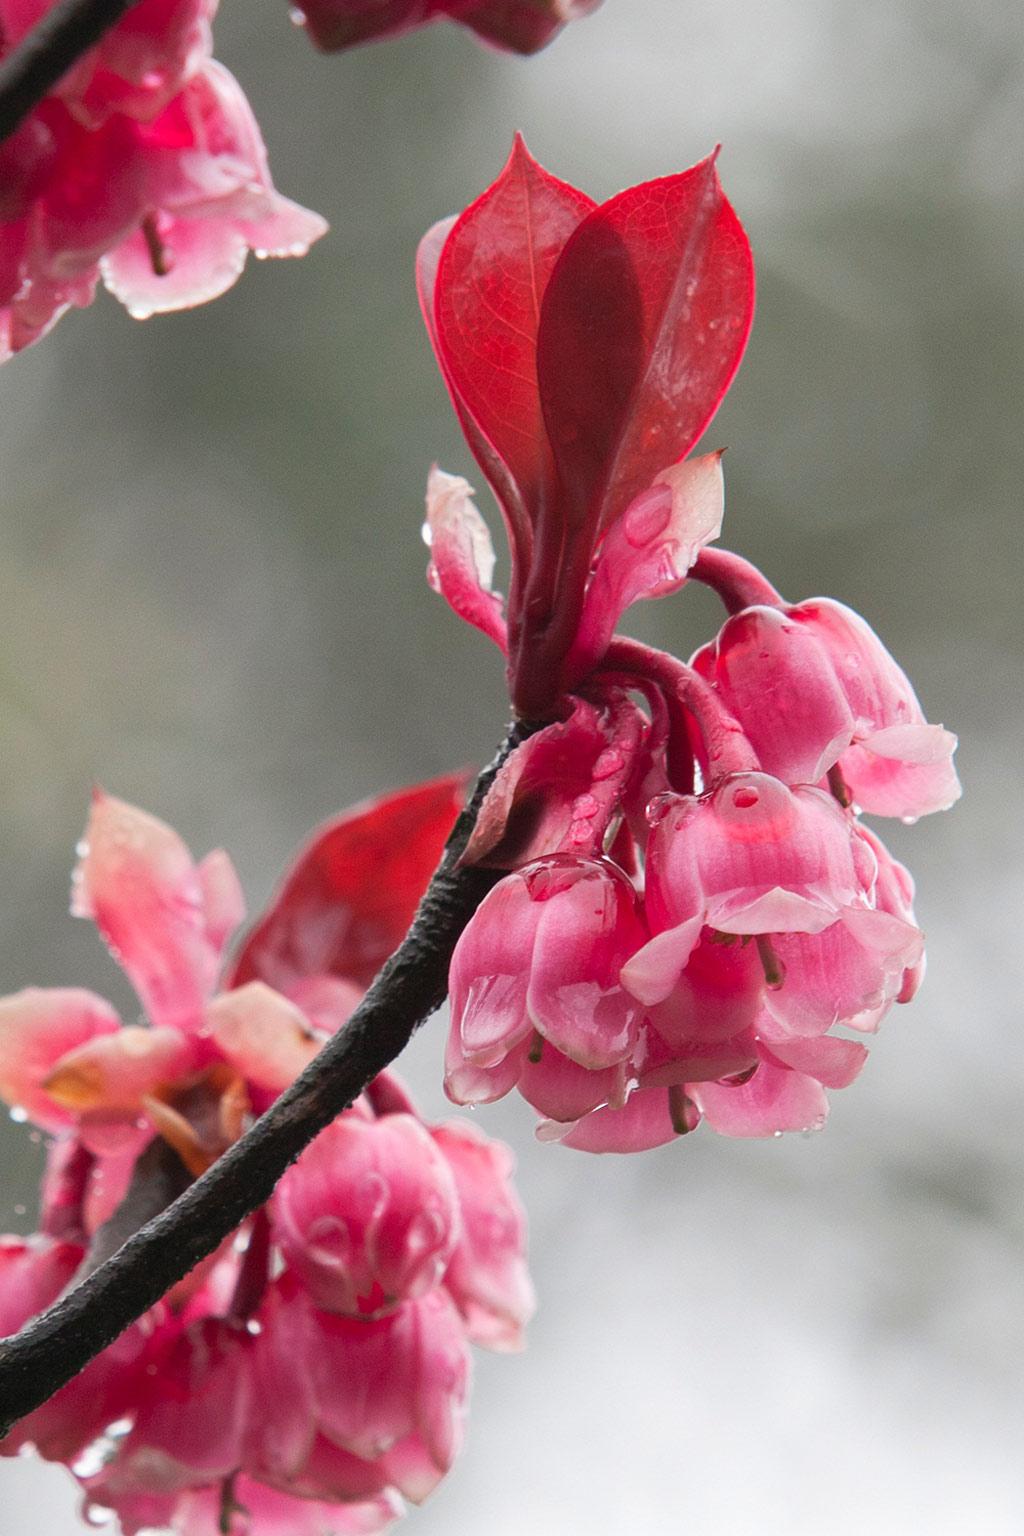 Vào mùa xuân, khu vườn hoa Le Jardin D'Amour ở Bà Nà Hills luôn rực rỡ với hàng trăm loại hoa đua nở. Cùng những thảm hoa muôn sắc đó, sắc hoa đào chuông nhỏ xinh lung linh đến diệu kỳ giữa không gian tâm linh thâm trầm như khiến tâm hồn du khách nhẹ bẫng, thanh tao.